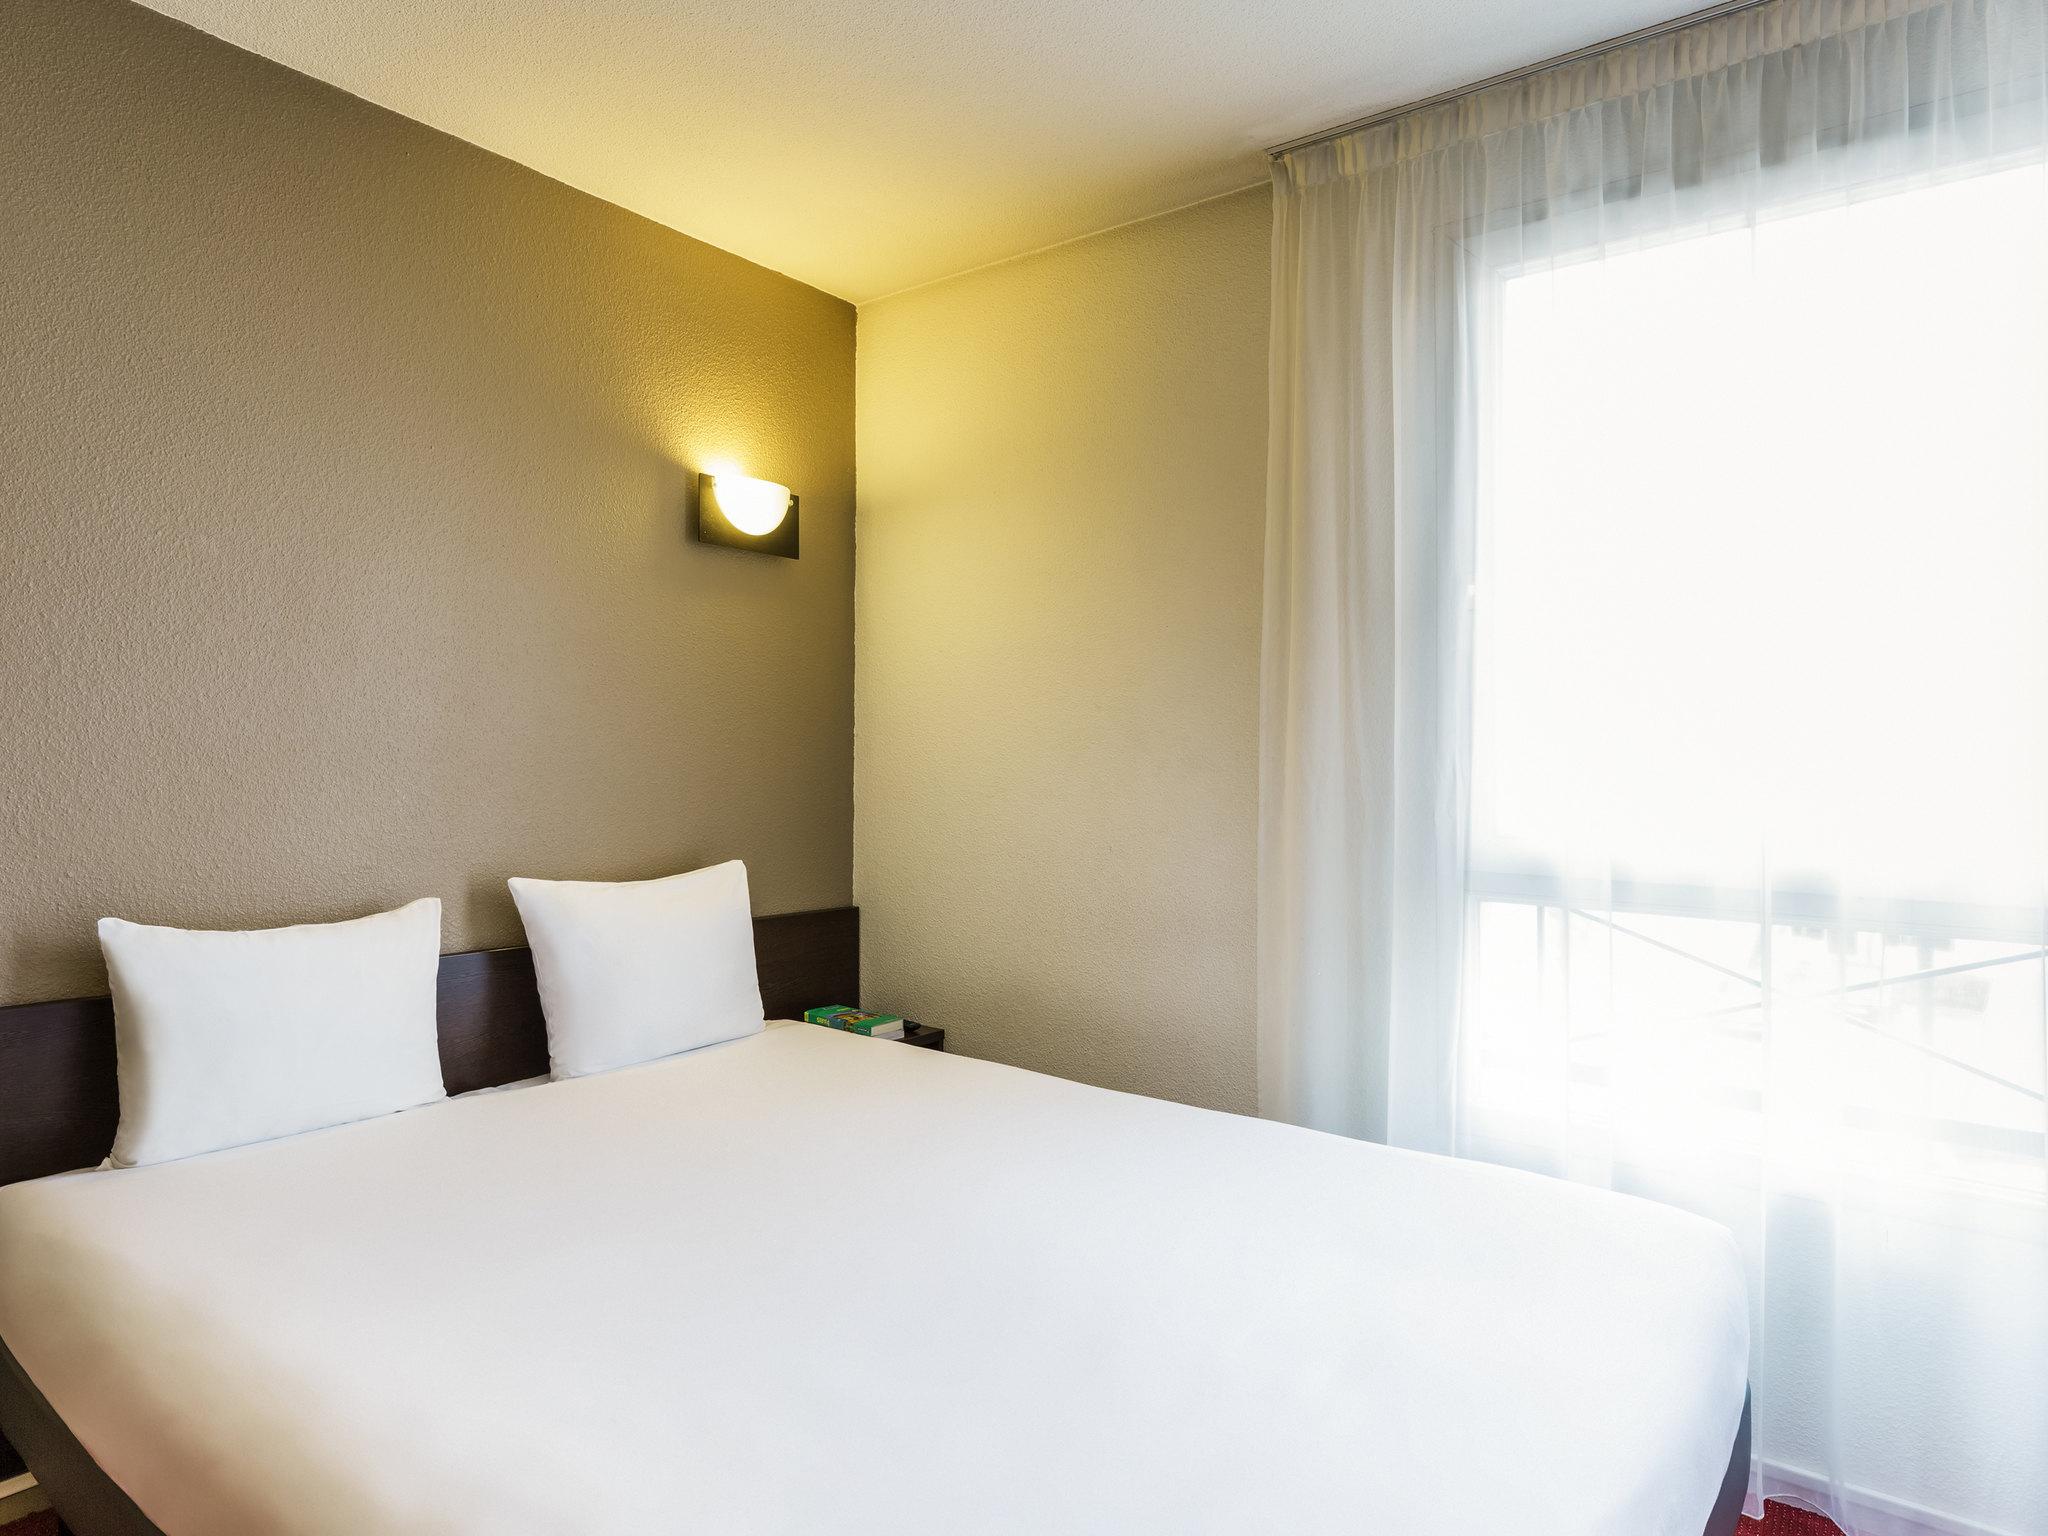 Отель — Апарт-отель Adagio access Ванв Порт-де-Версаль